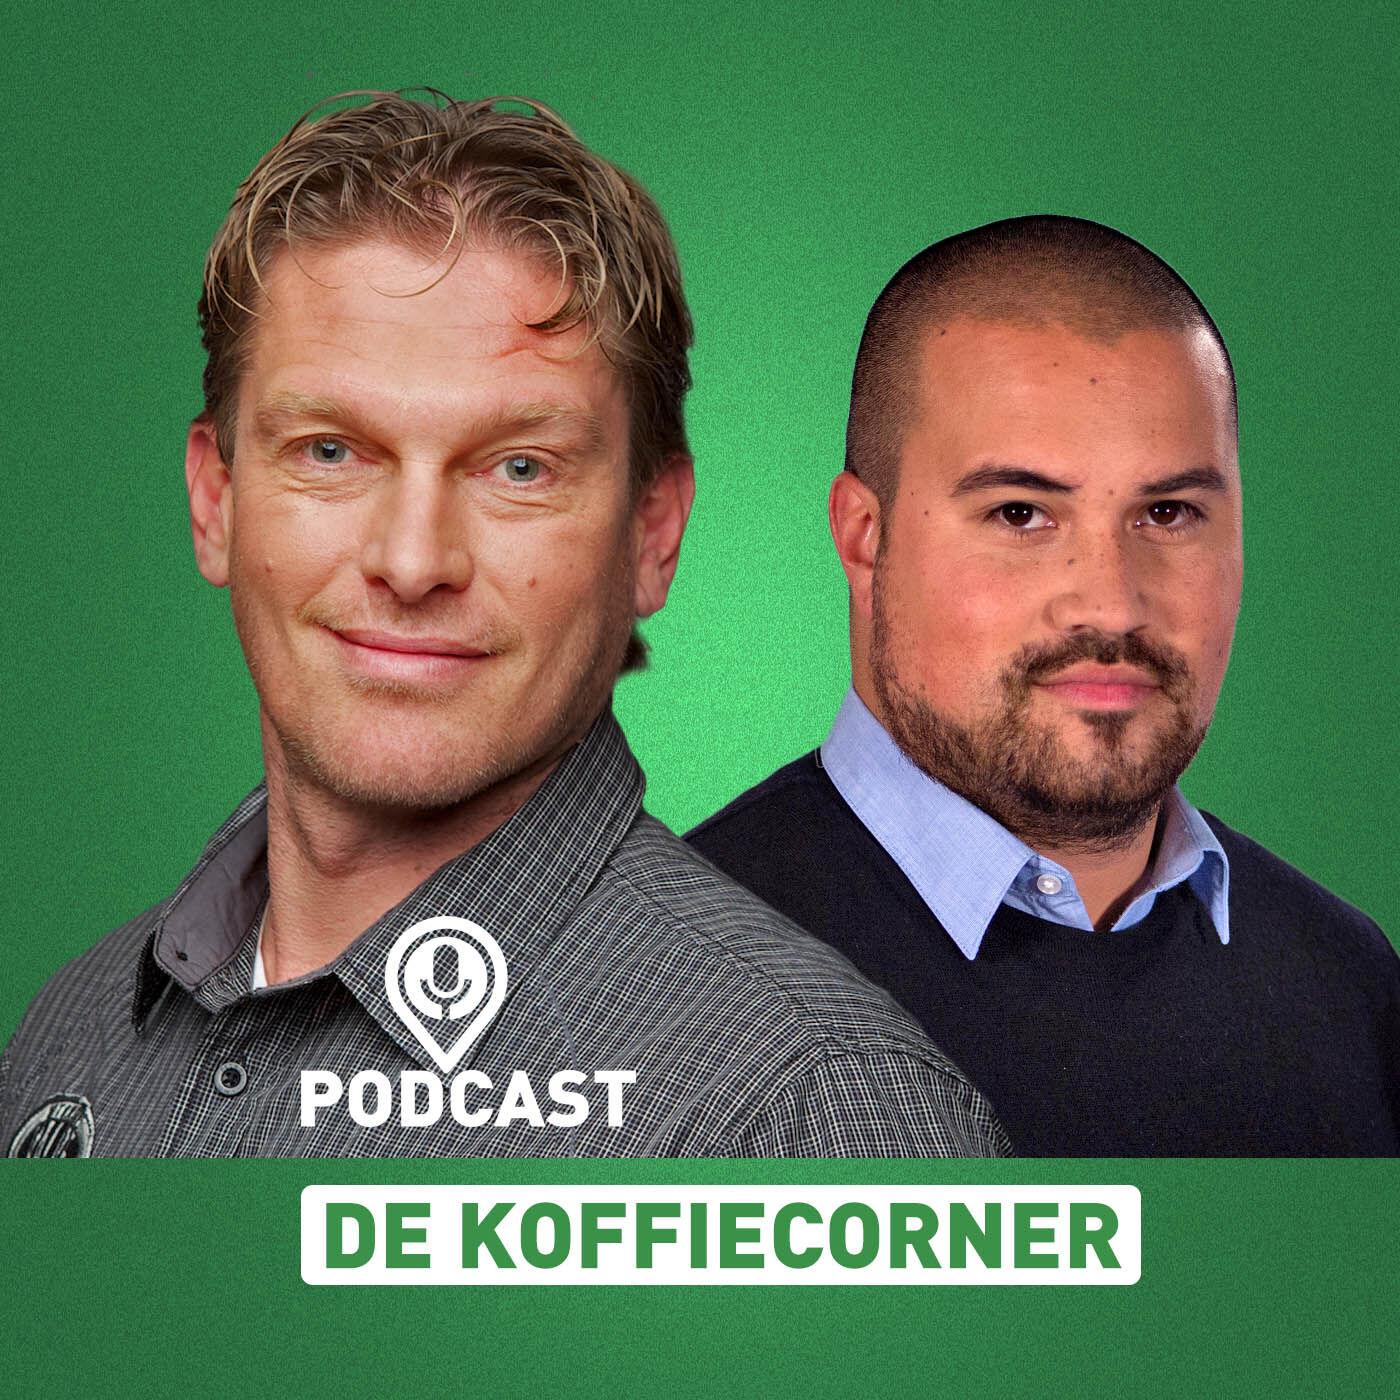 """De Koffiecorner #20: Martin Drent en opstootjes: """"Ik had ze allemaal neergeslagen!"""""""